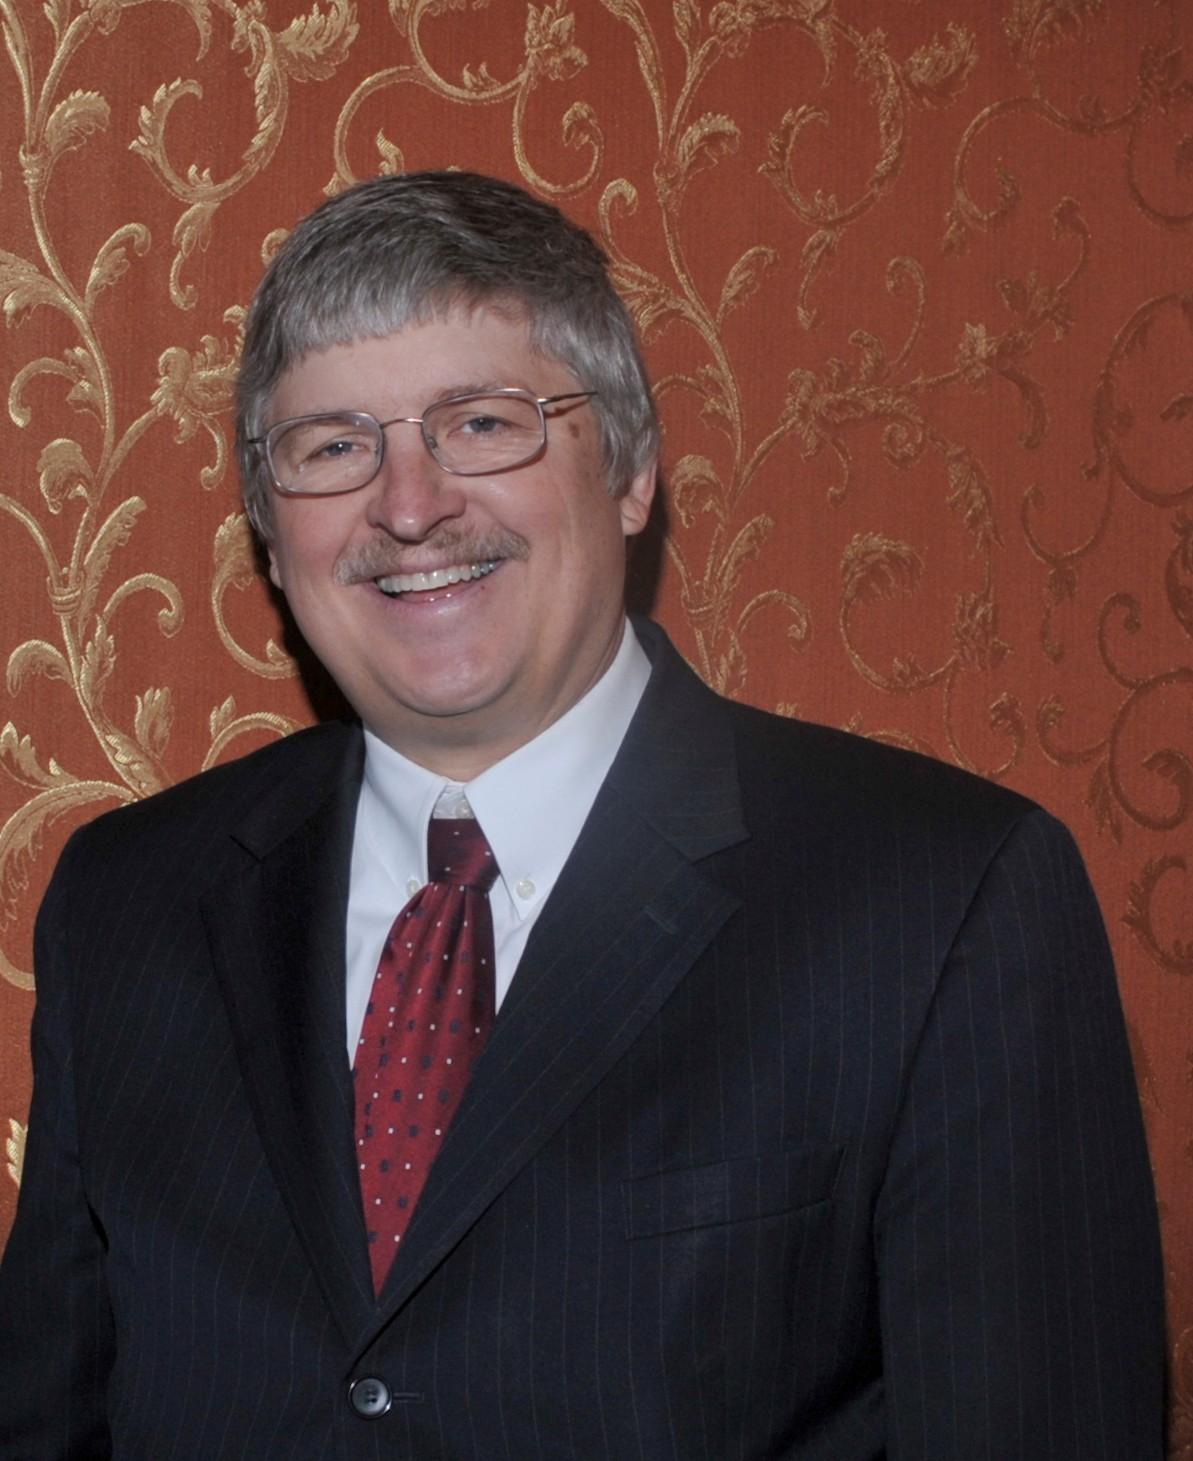 James McGuirk